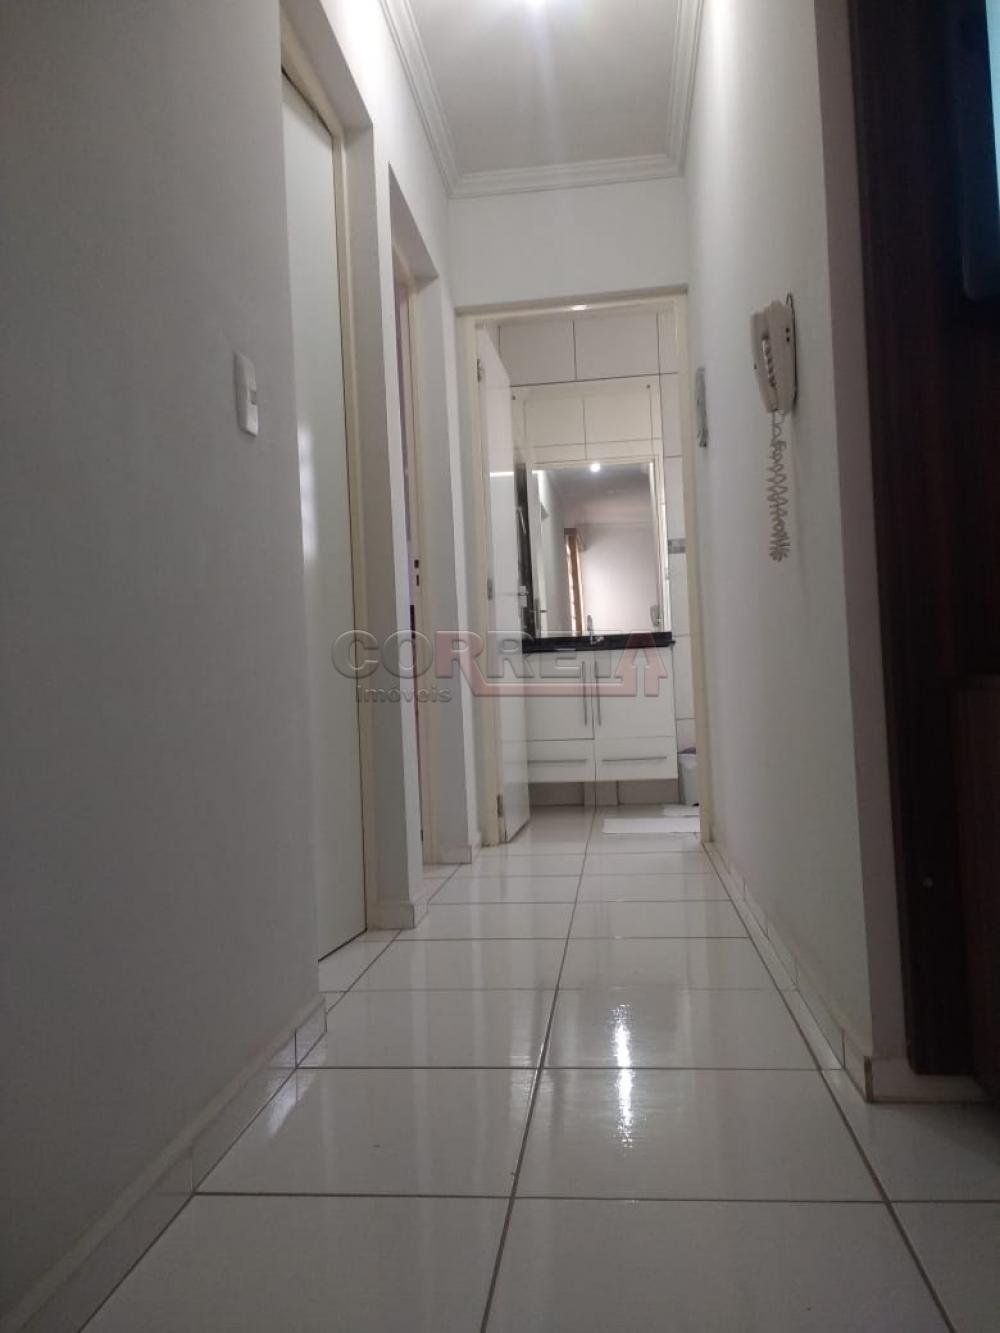 Comprar Apartamento / Padrão em Araçatuba R$ 130.000,00 - Foto 12